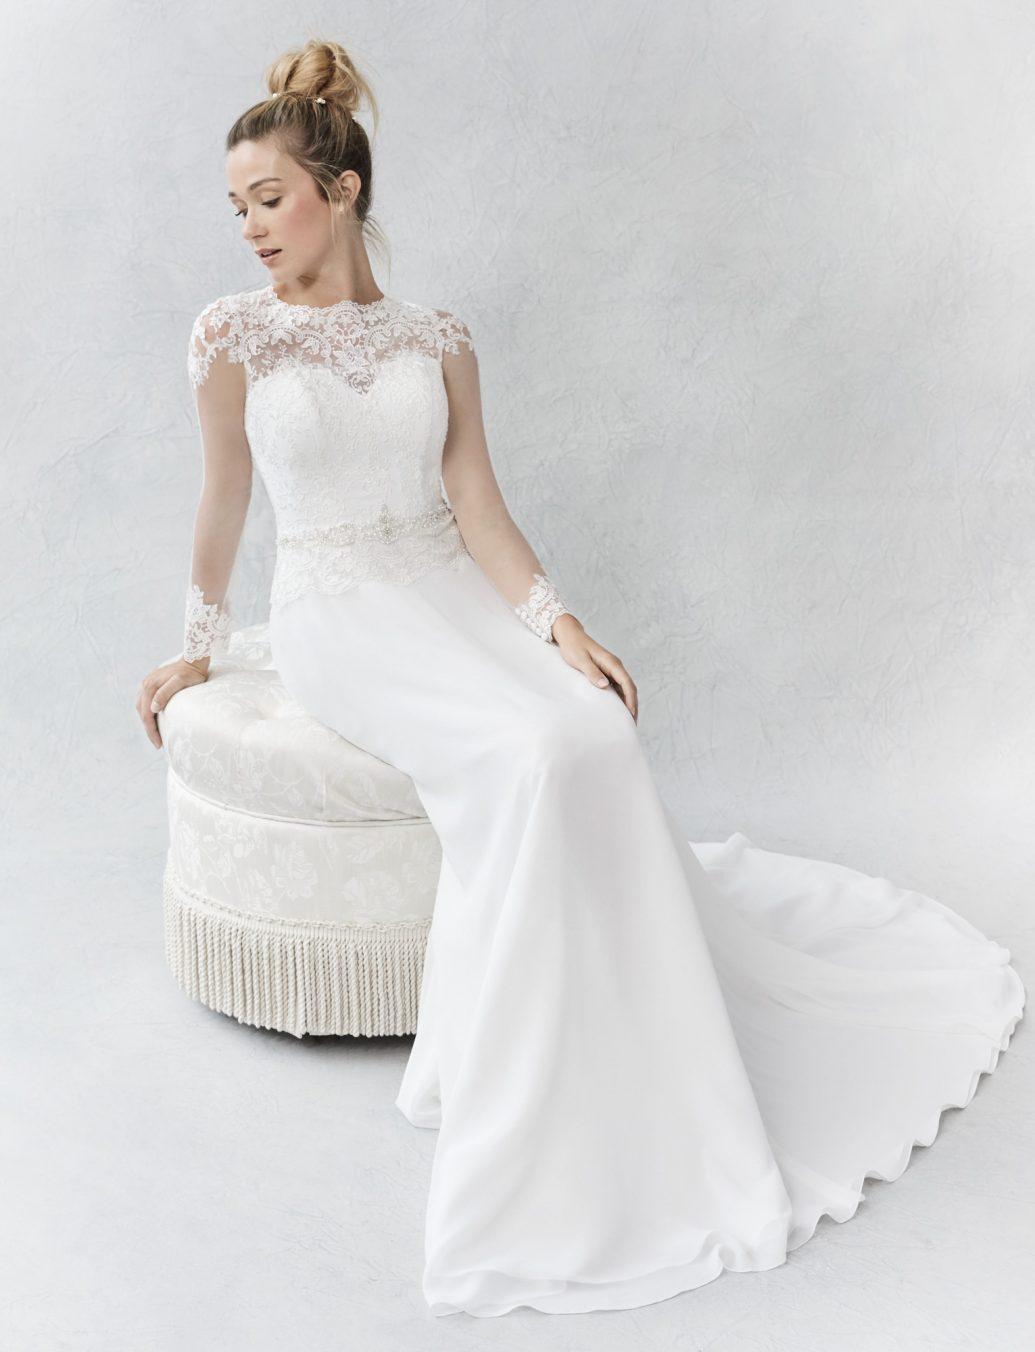 Ella Rosa BE366 sellő fazonú esküvői ruha, mely kiemeli a menyasszony alakját.